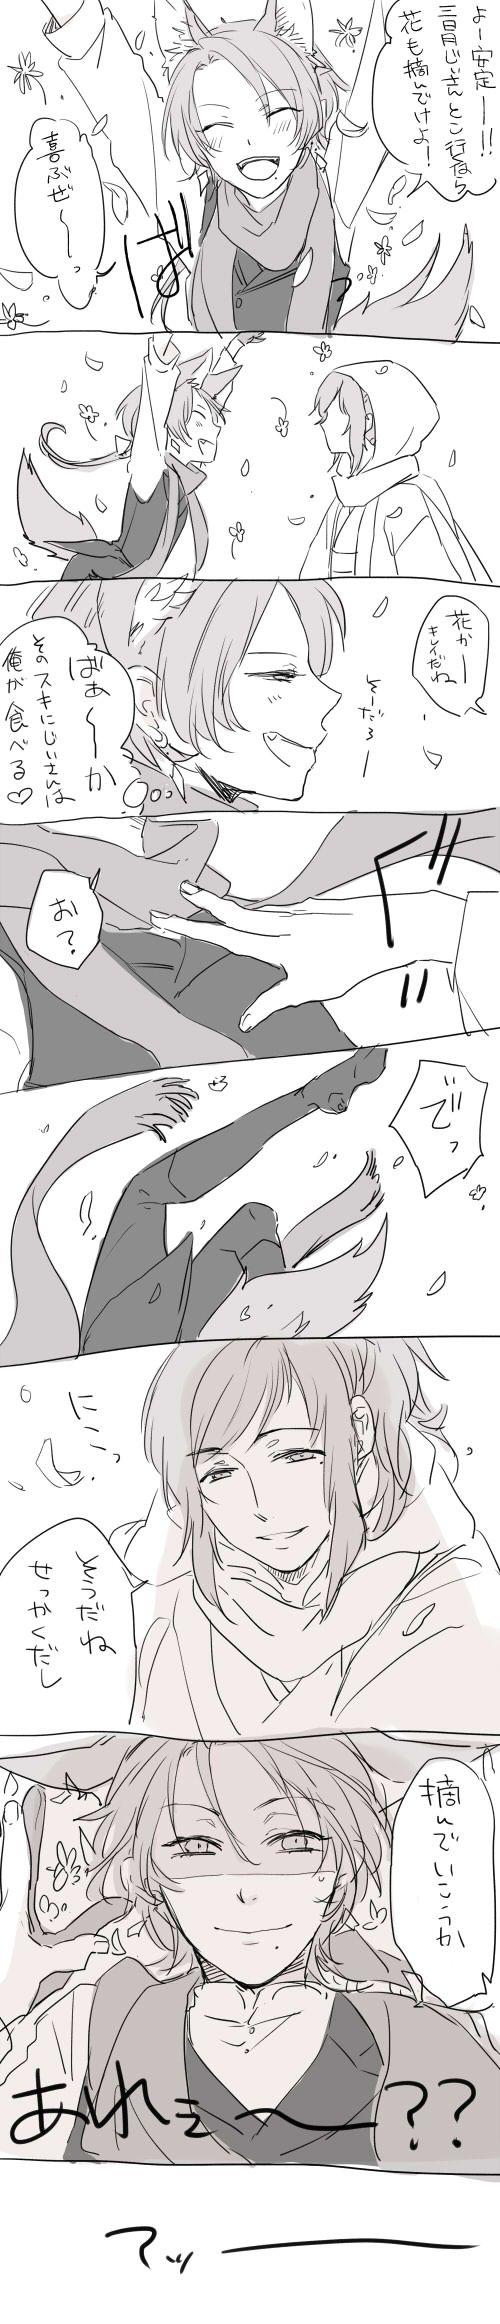 「とうらぶ⑨(捏造中心注意)」/「白雪 蓮」の漫画 [pixiv]